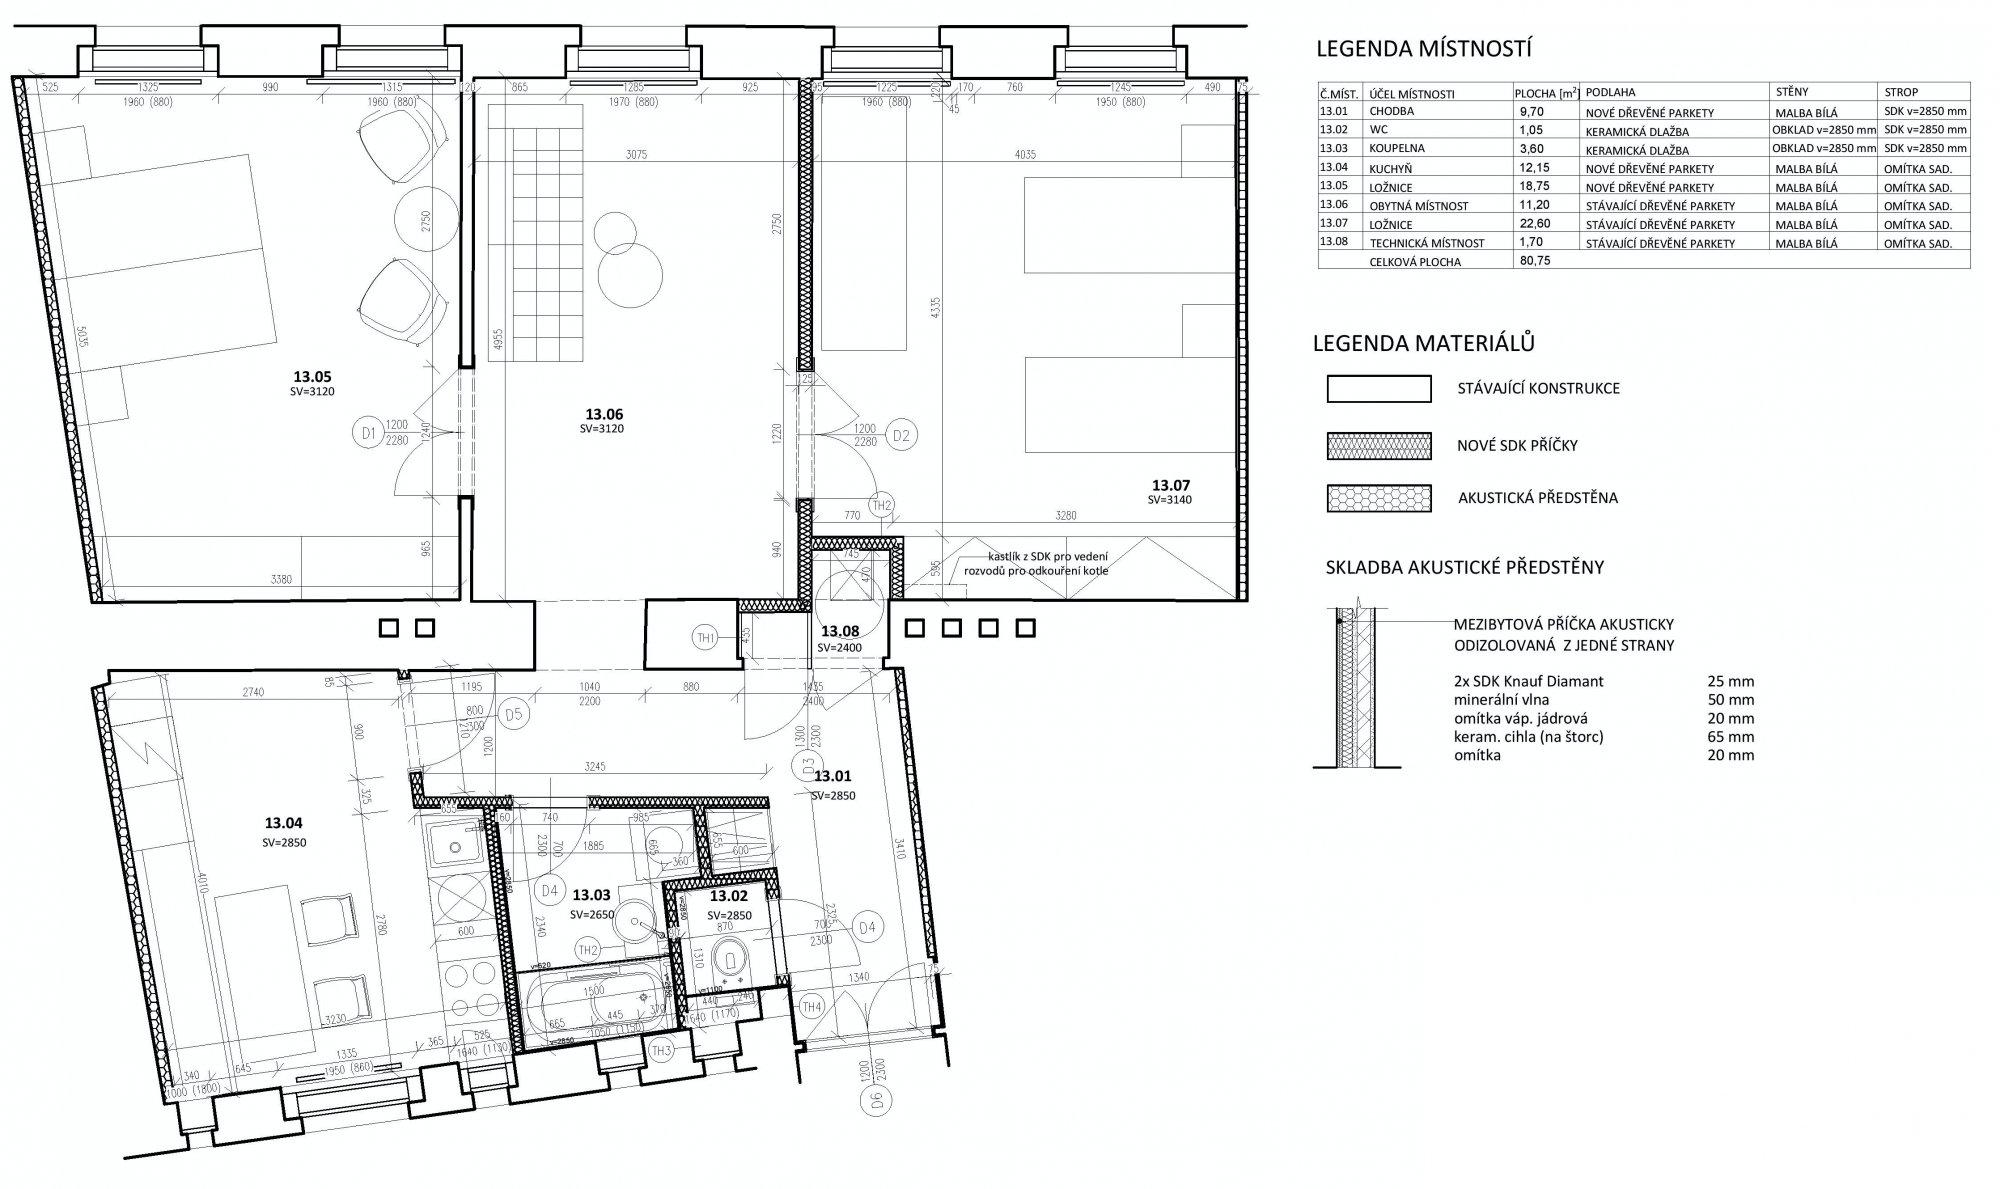 Půdorys - Půdní byt 3+1, plocha 81 m², ulice Petrské náměstí, Praha 1 - Nové Město